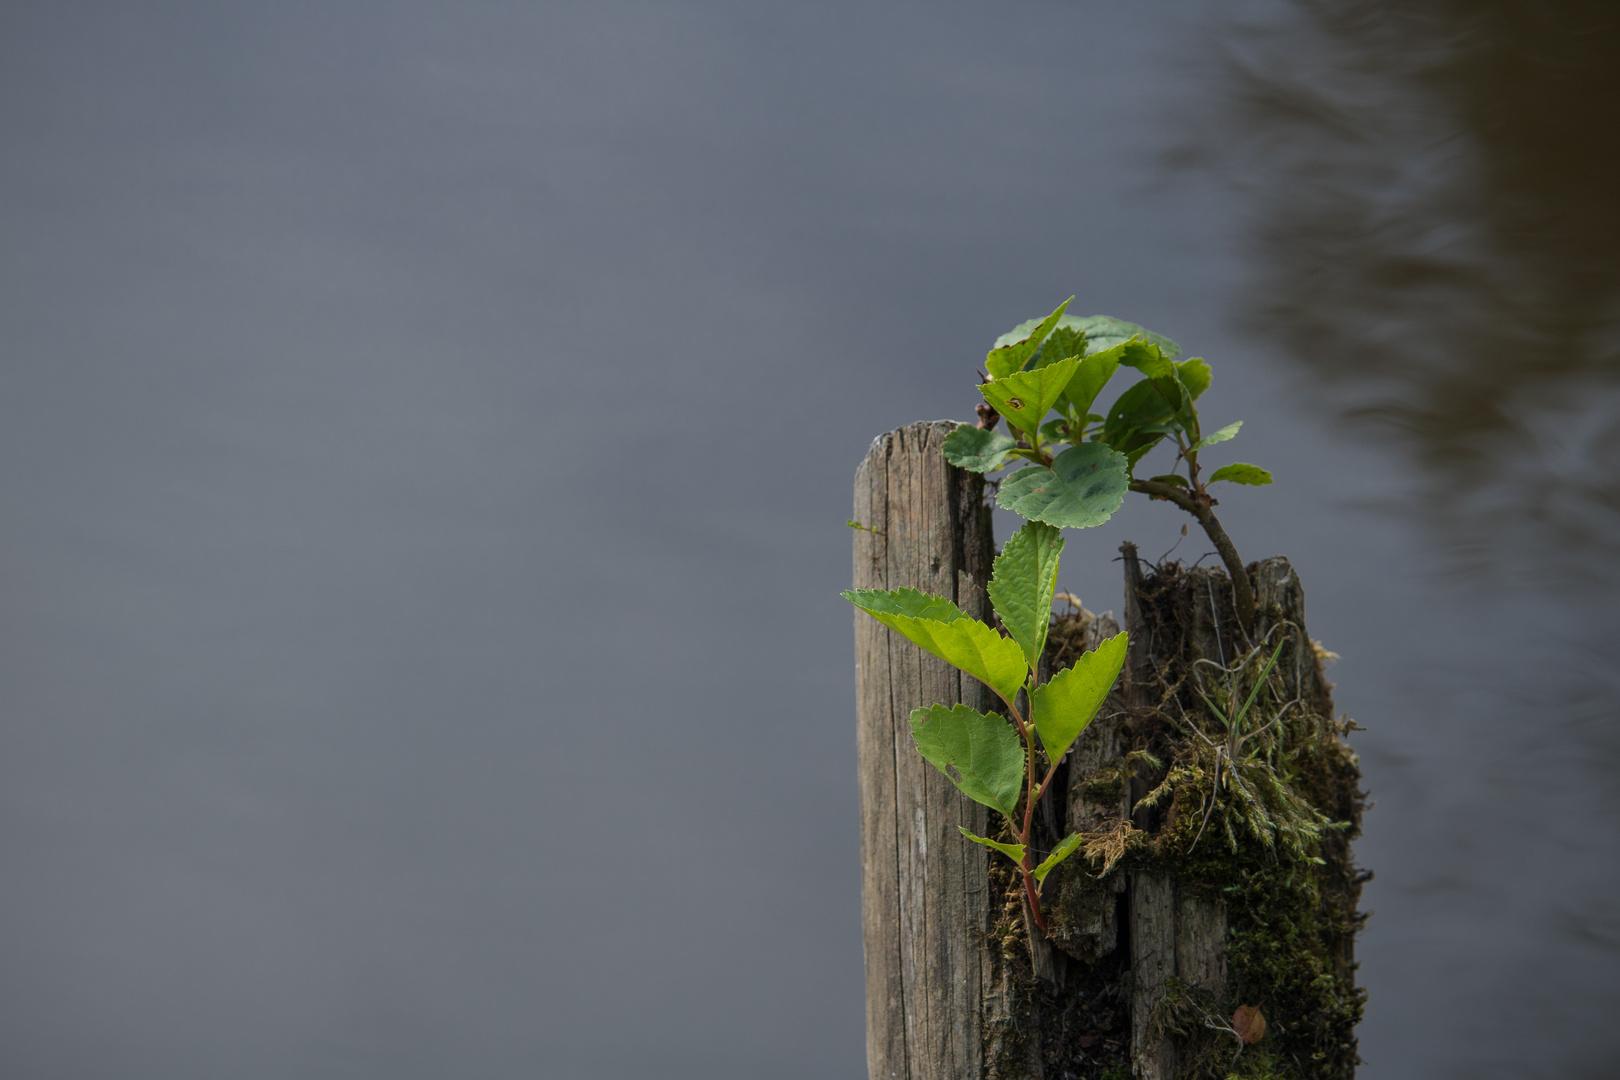 Holzstumpf mit neuen Pflanzen